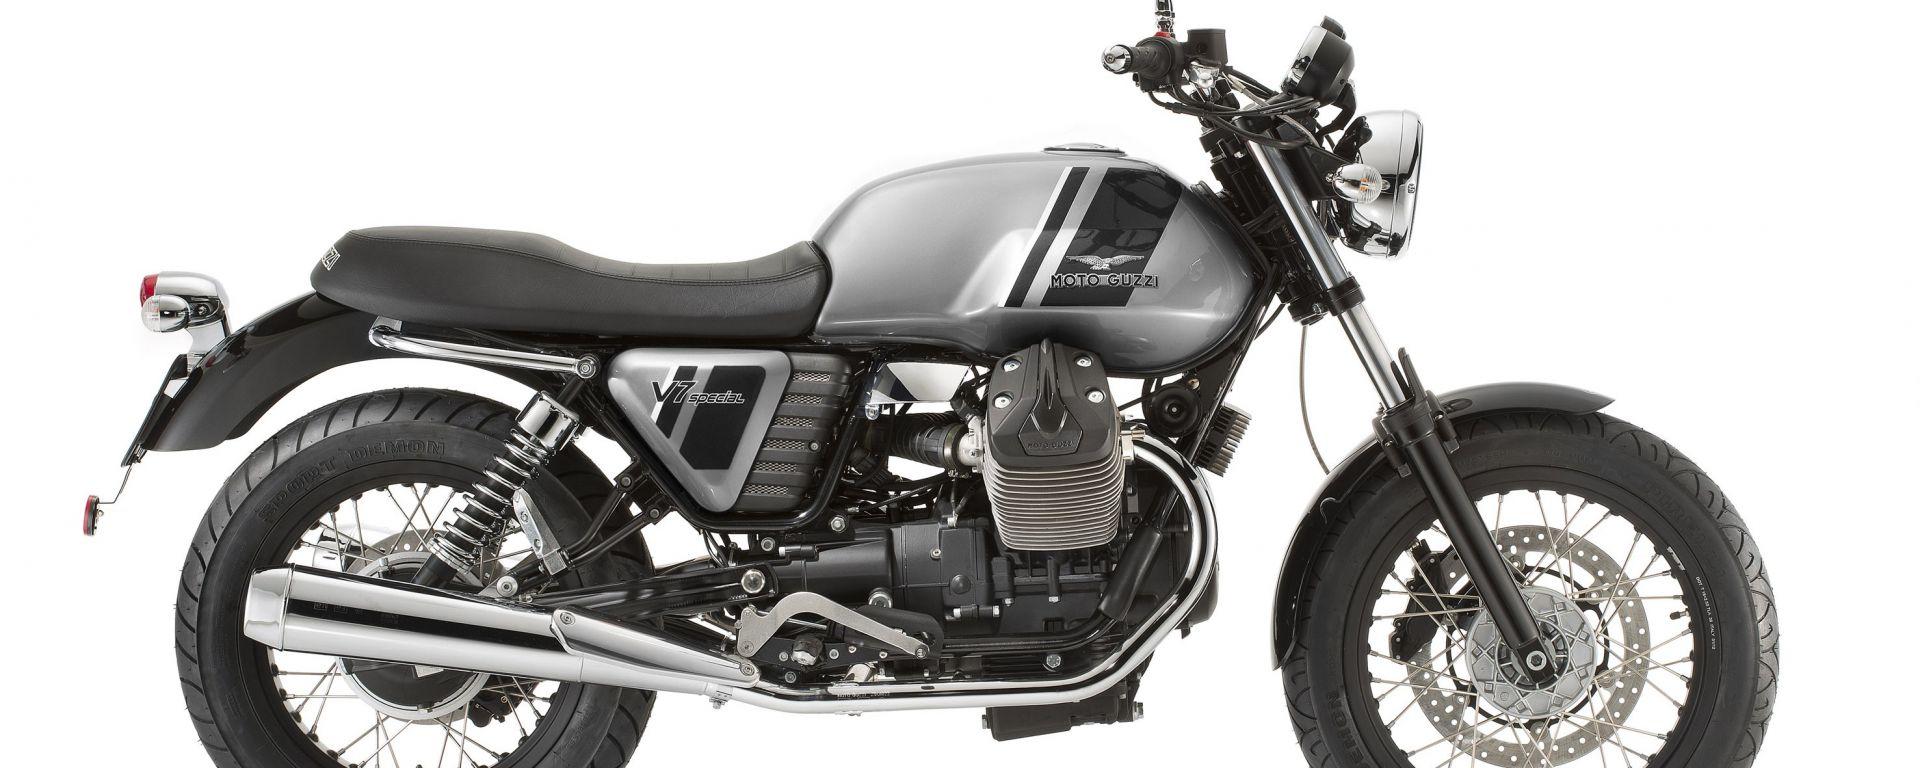 Moto Guzzi V7 MY 2014